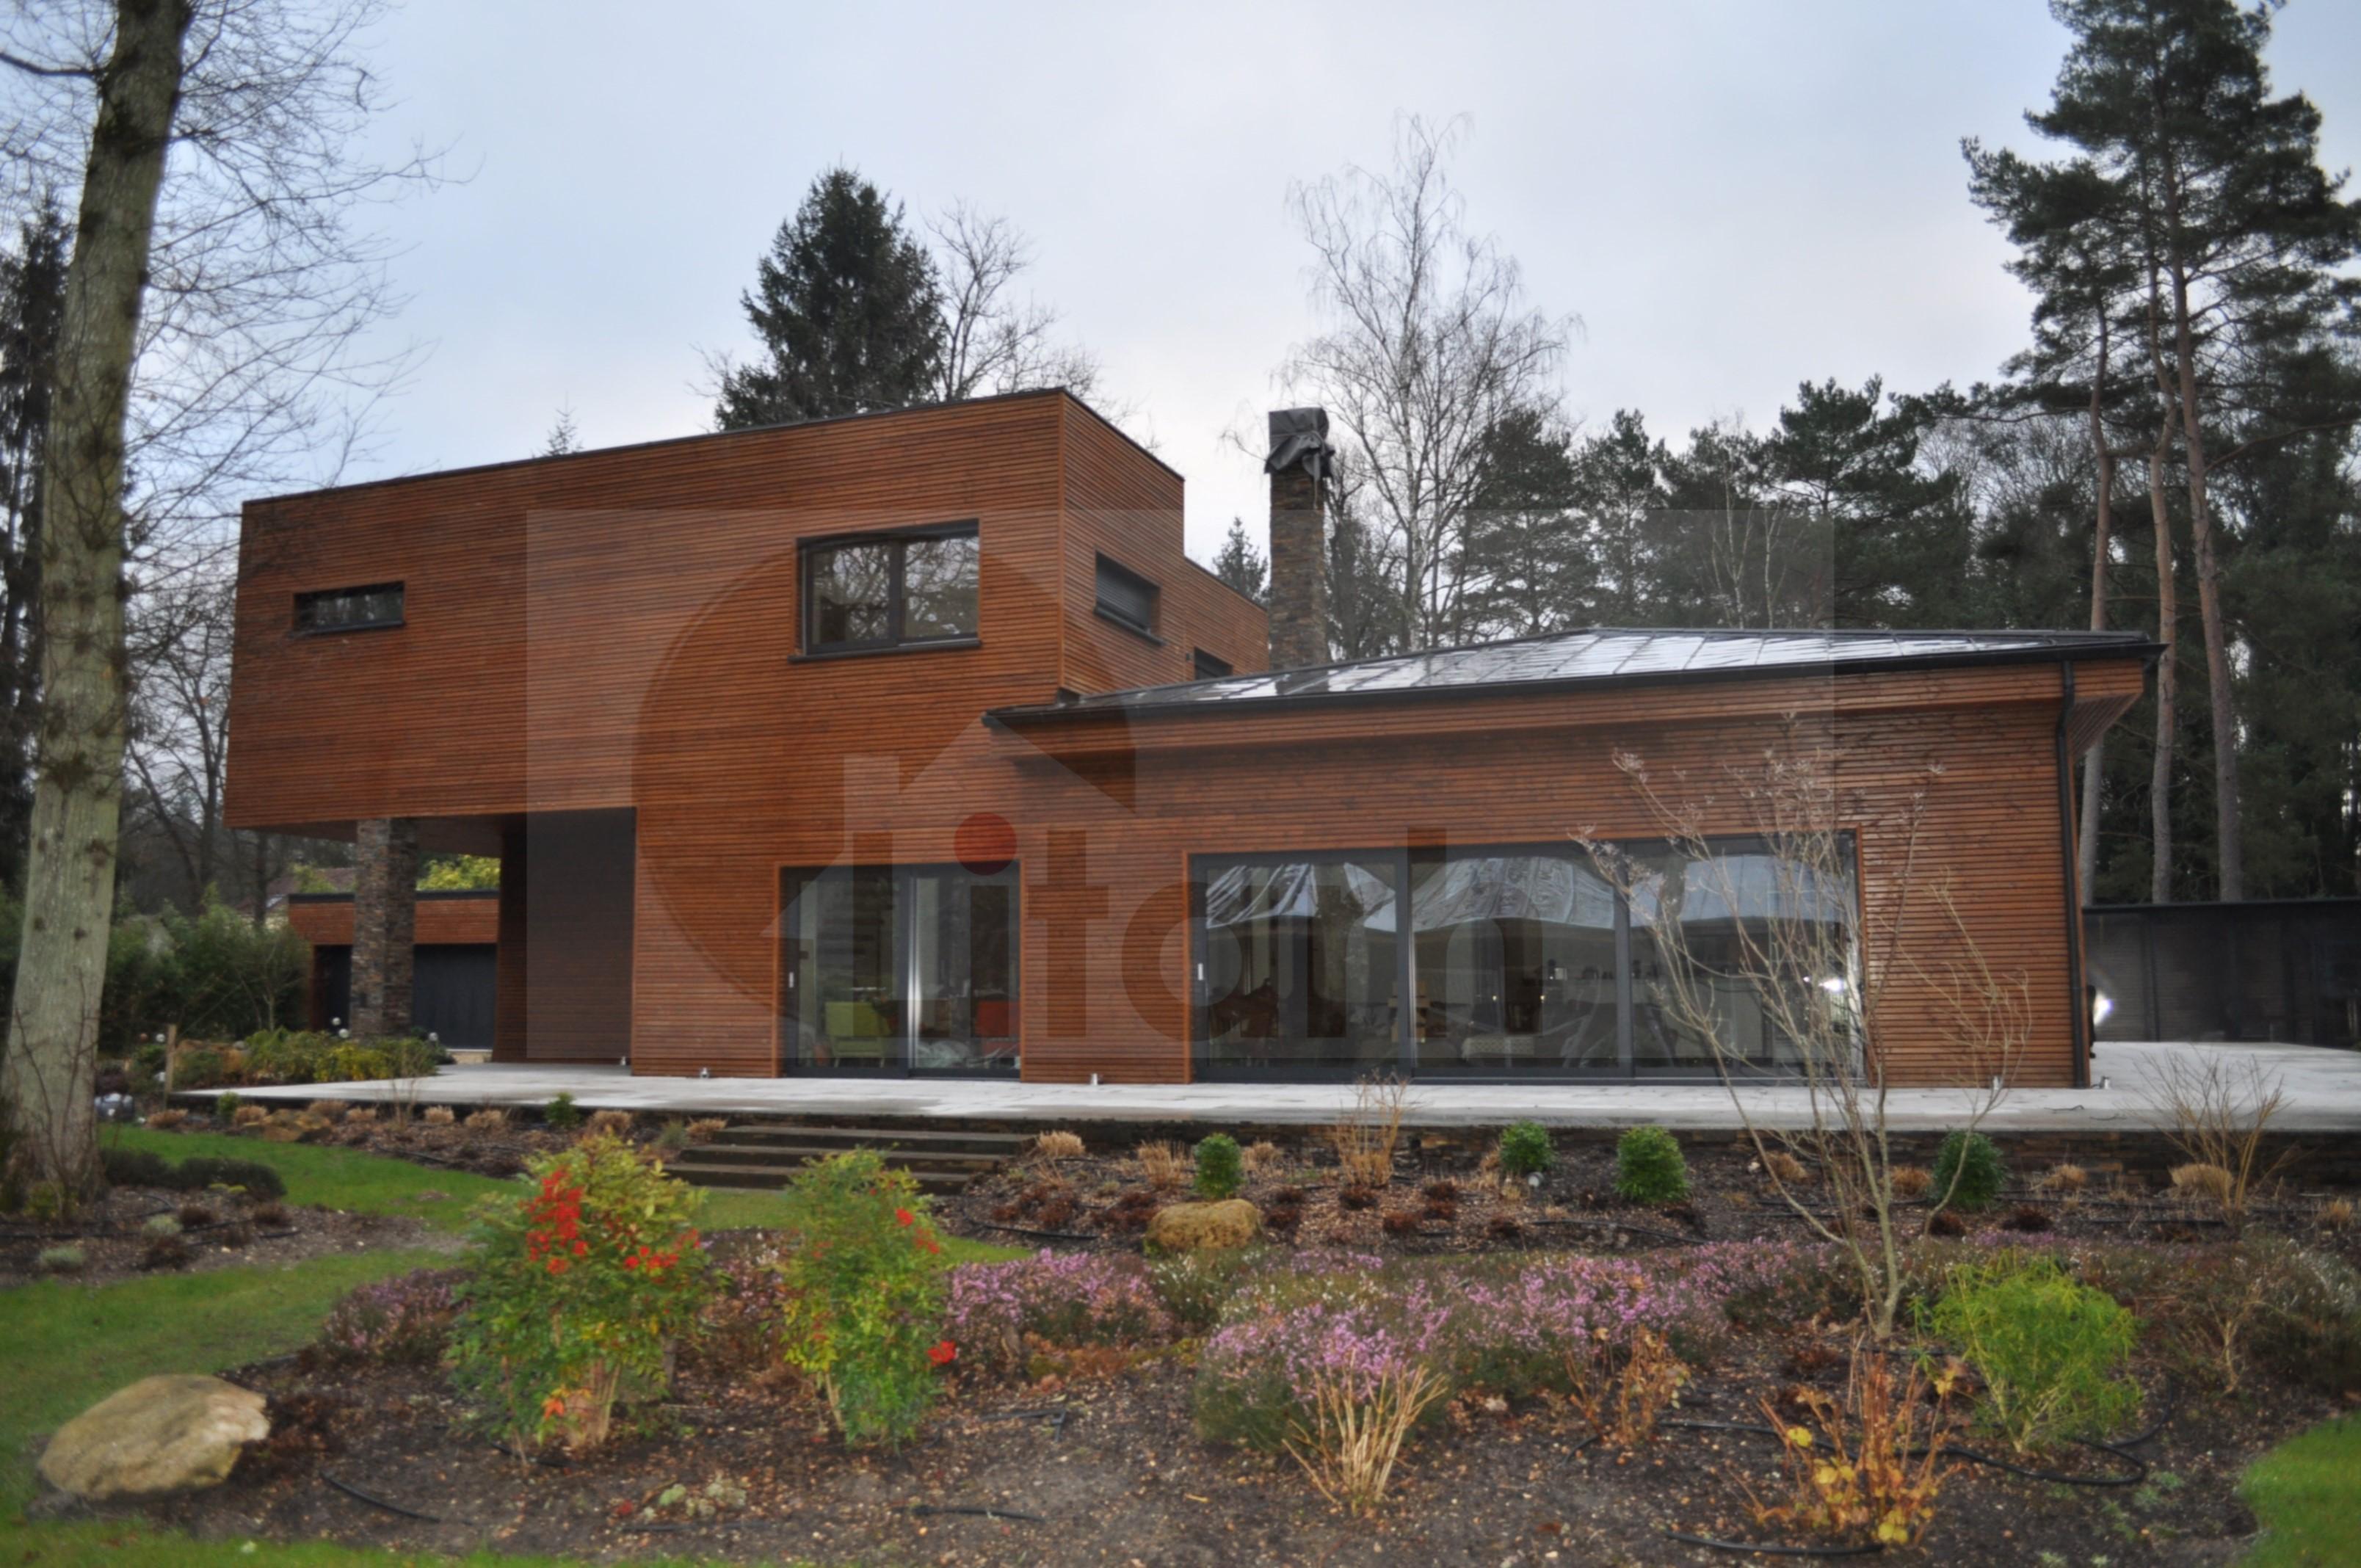 Gregory arbonne la foret dep 77 maison bois roumanie for Construire maison 77